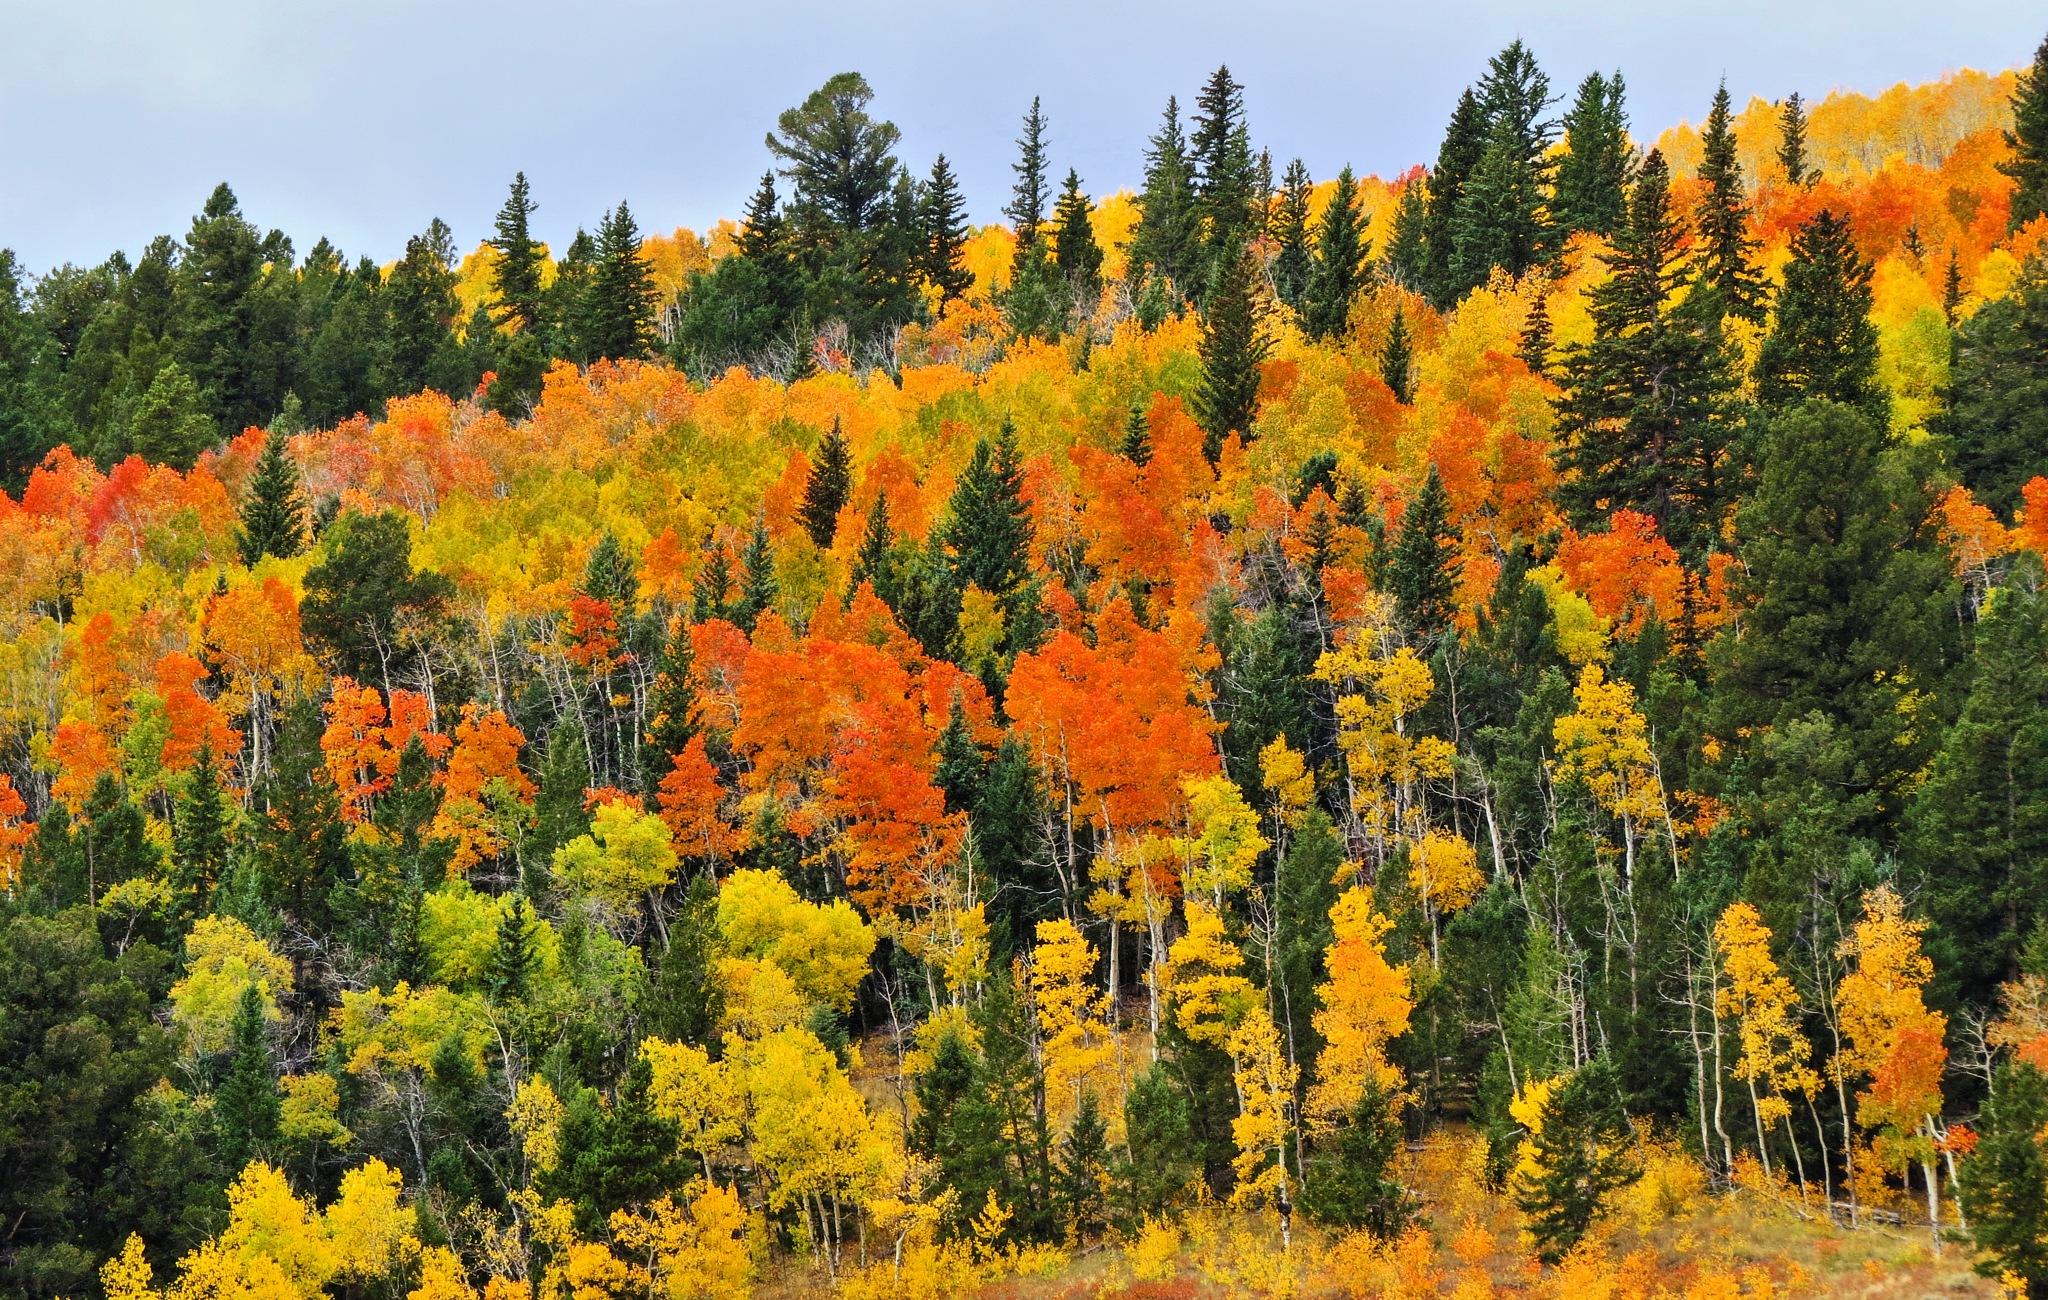 Aspen trees - Colorado - 9-22-16 by SaraSnow